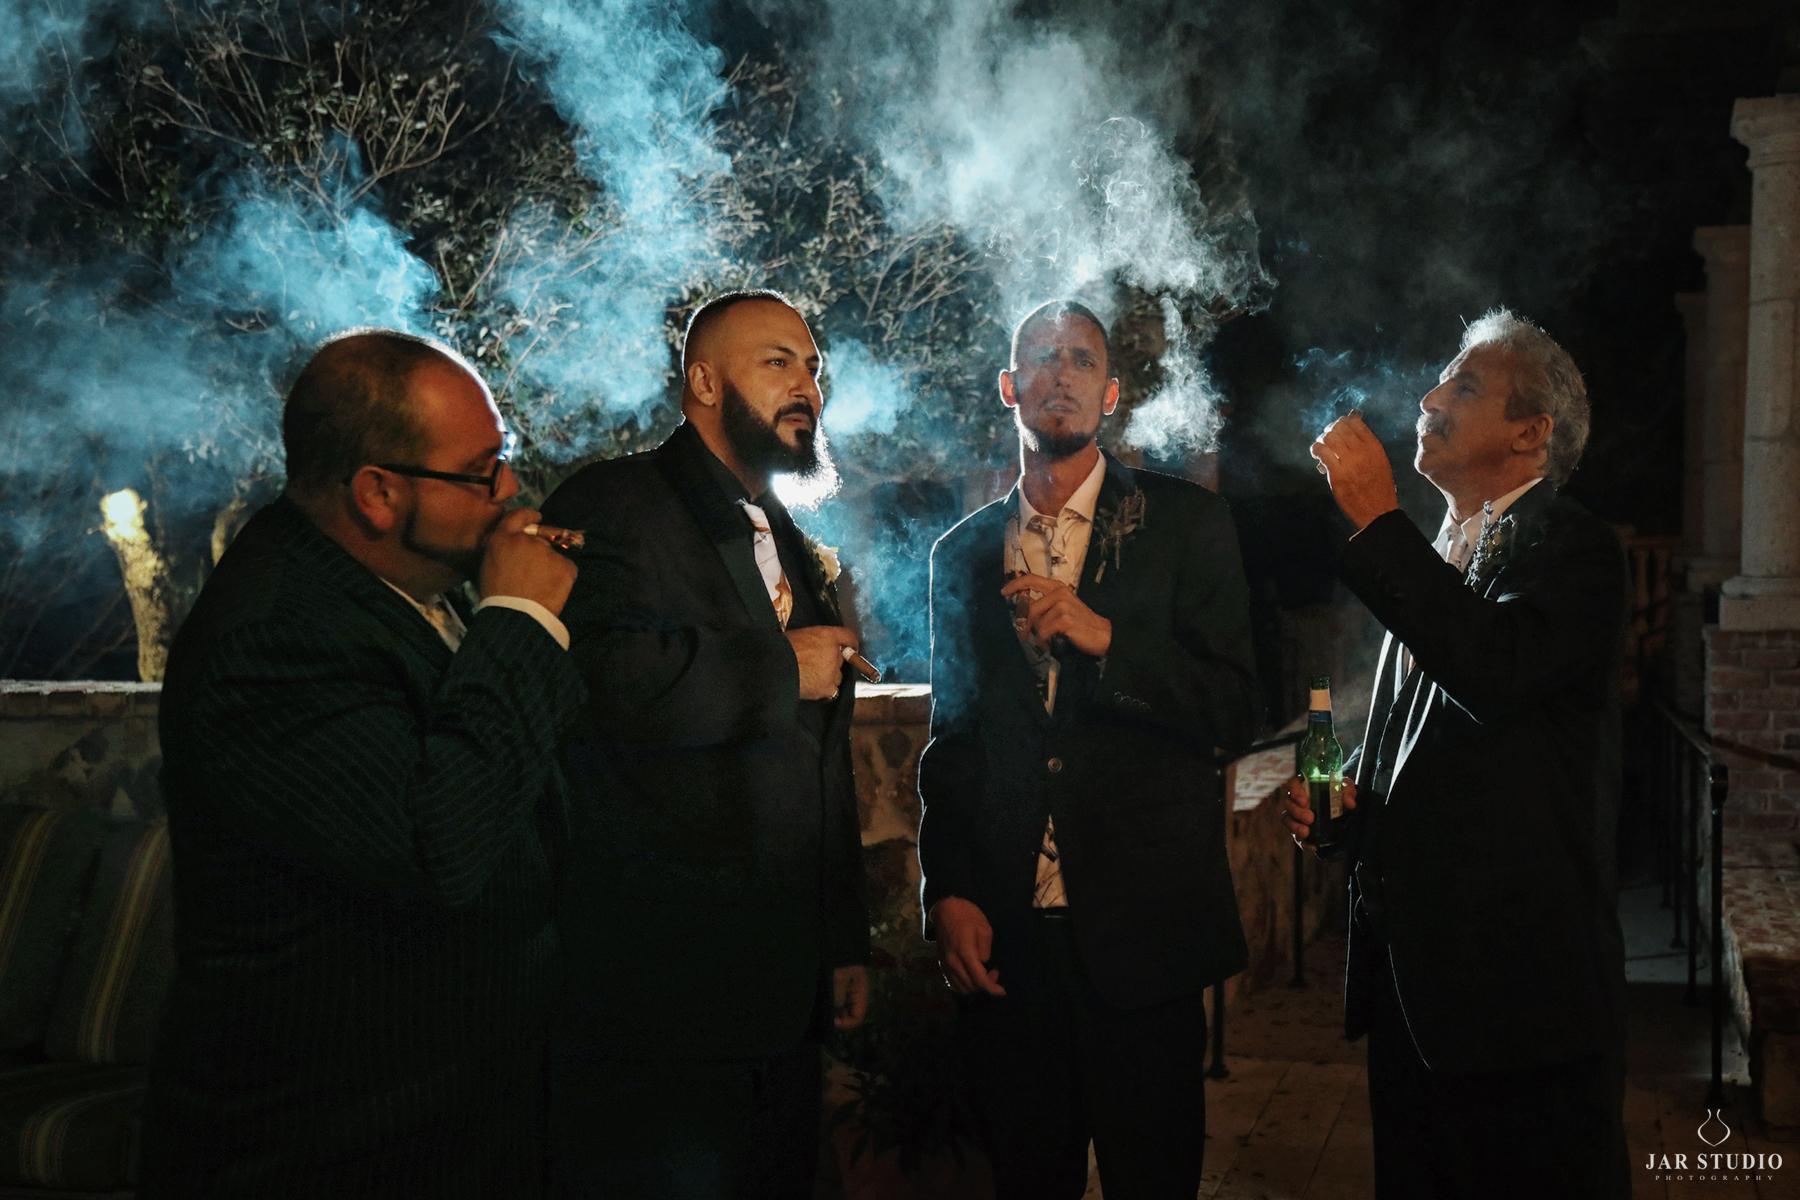 37-groom-groomsmen-cool-tradition-smoking-cigars-jarstudio.jpg